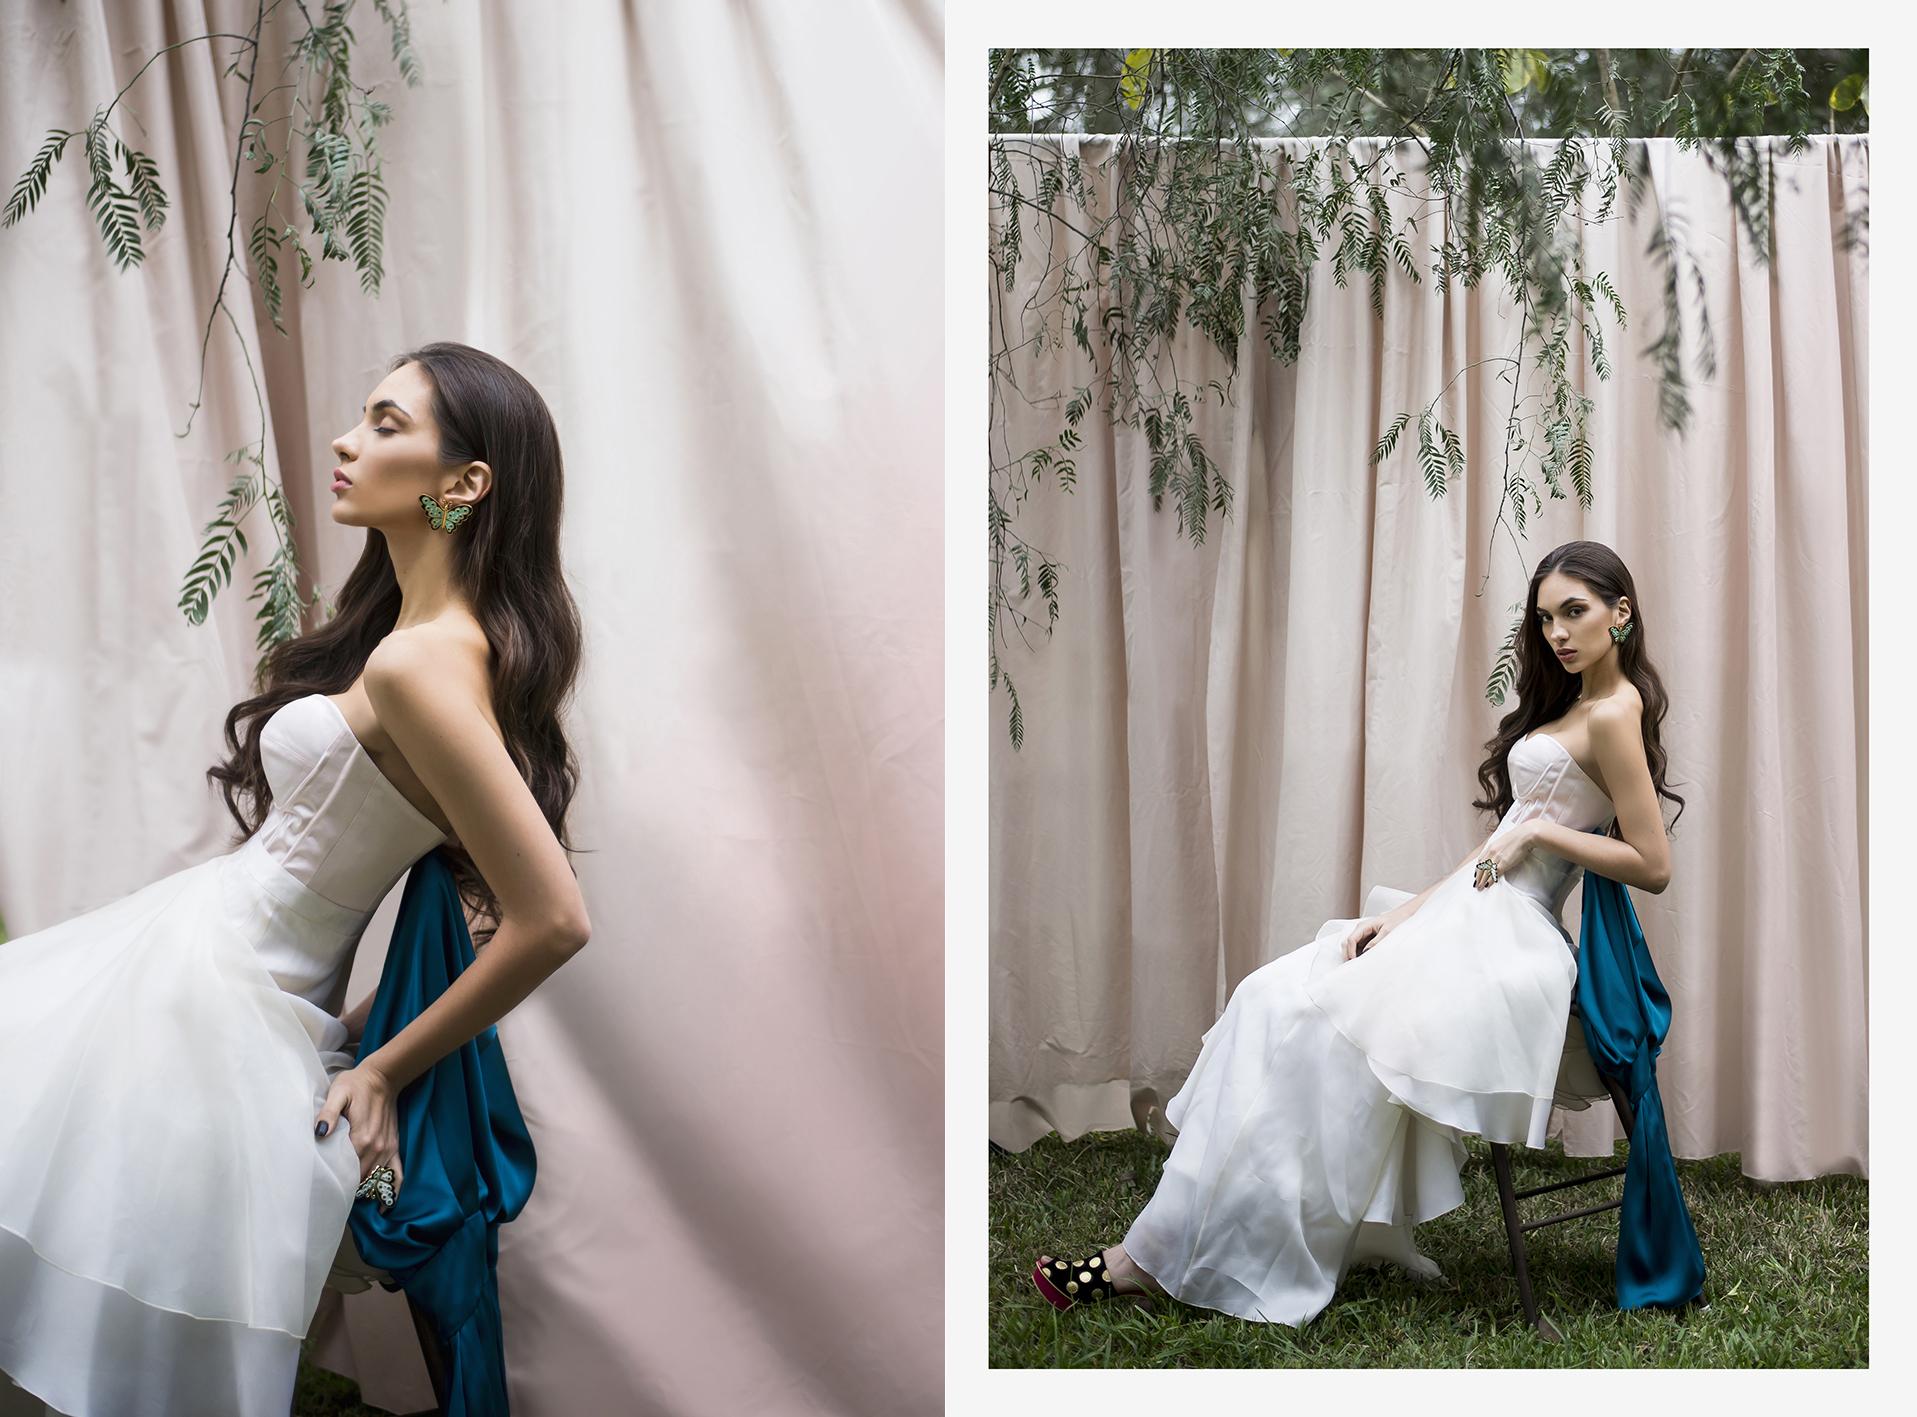 Falda y corset, CAROLINA TOLA. Aretes,anillo mariposa y zapatos, JESSICA BUTRICH.